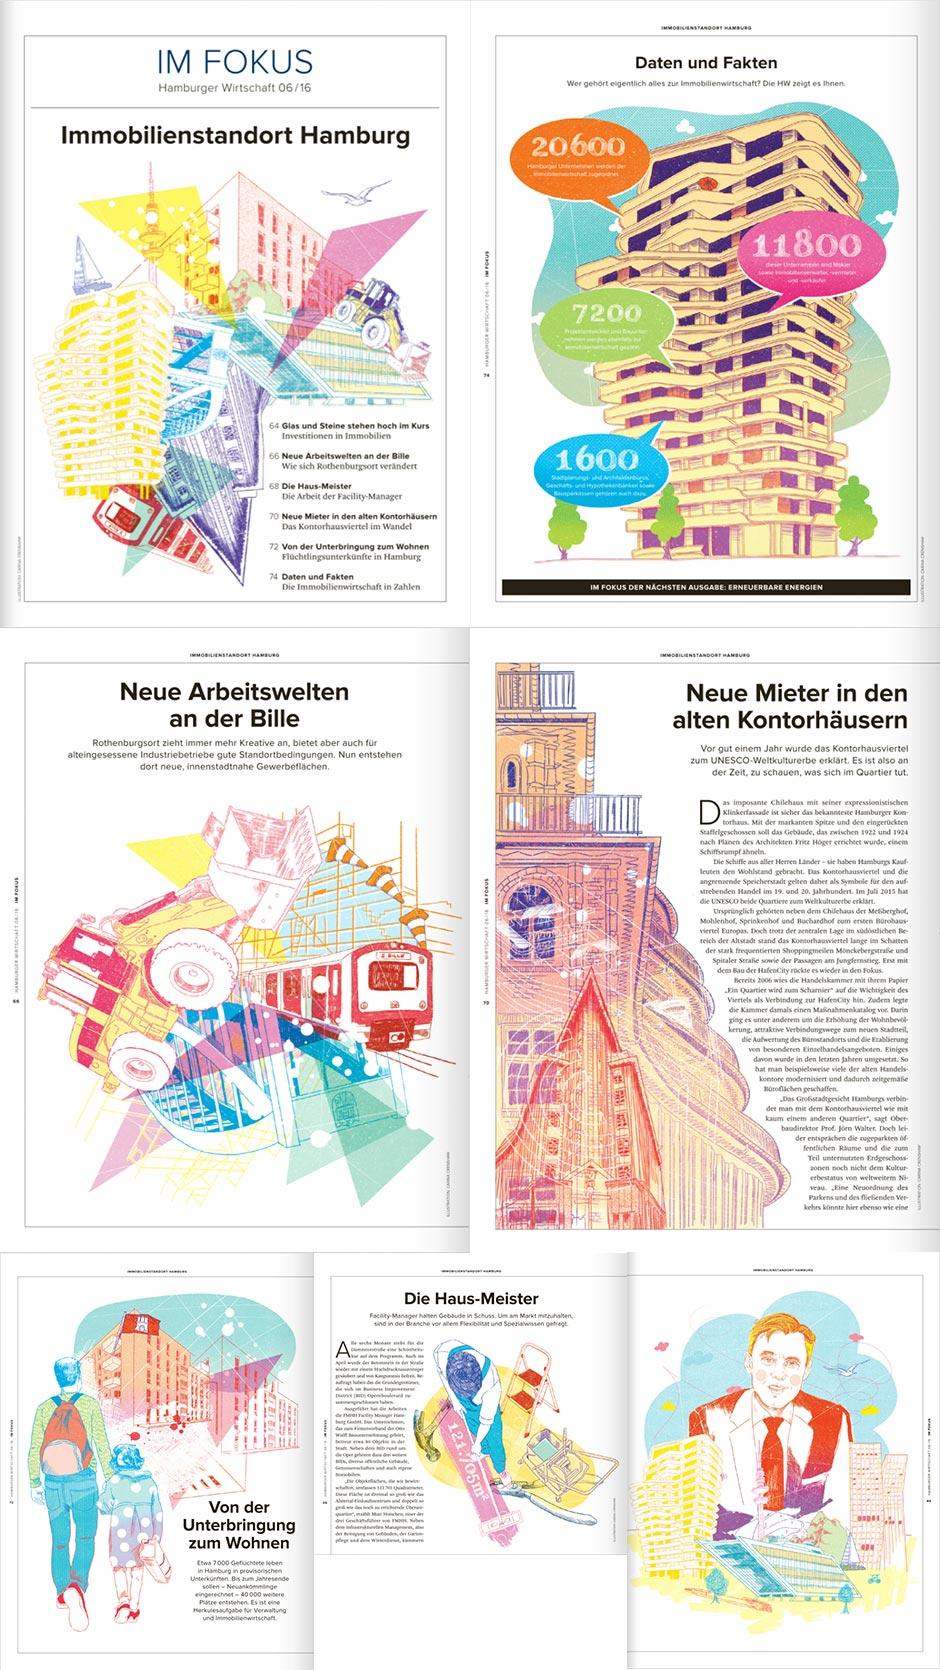 Illustrator_Illustration_Hamburg_carina_crenshaw_Wirtschaft_Immobilien_Billbrook_Standort_Hausmeister